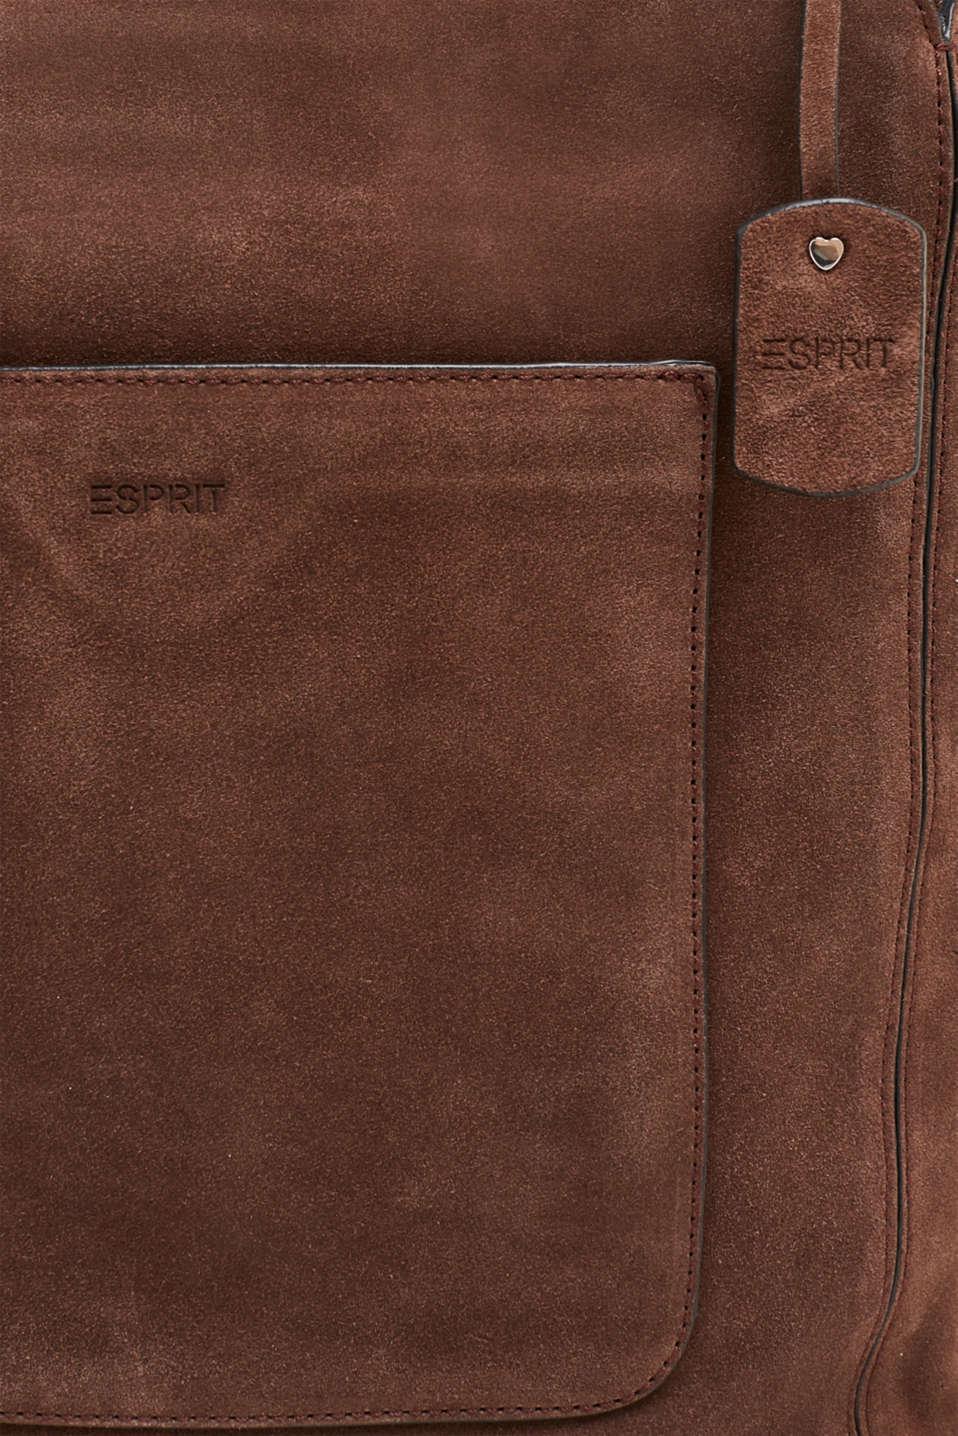 Leather shoulder bag, DARK BROWN, detail image number 6